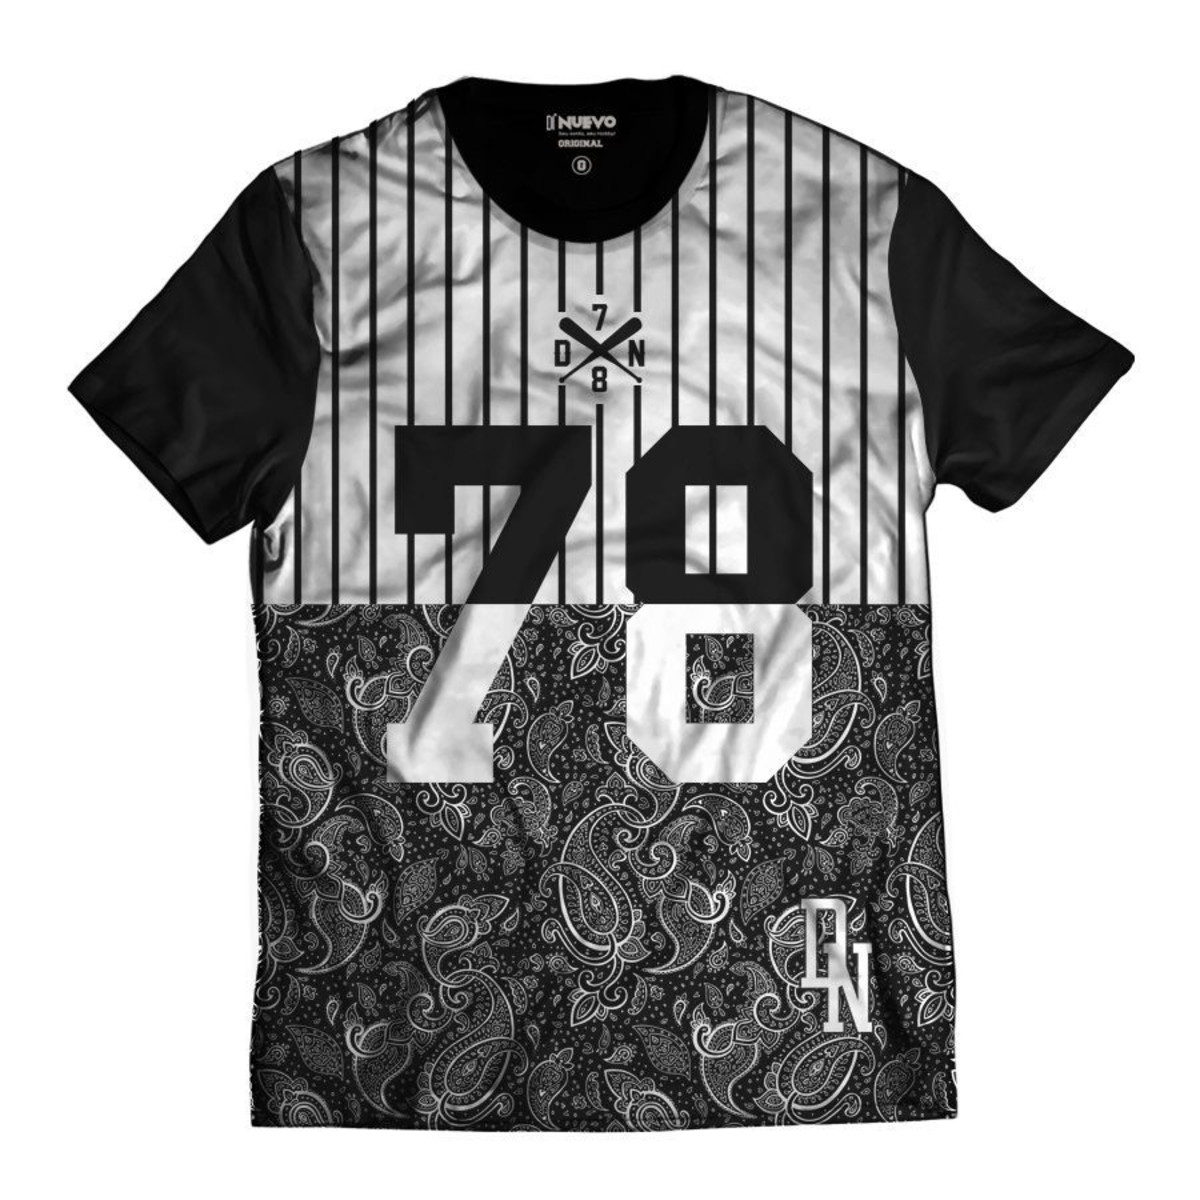 43276a2d74 Camisa Swag Beisebol 78 Básica Listrada DN Preta e Branca no Elo7 ...